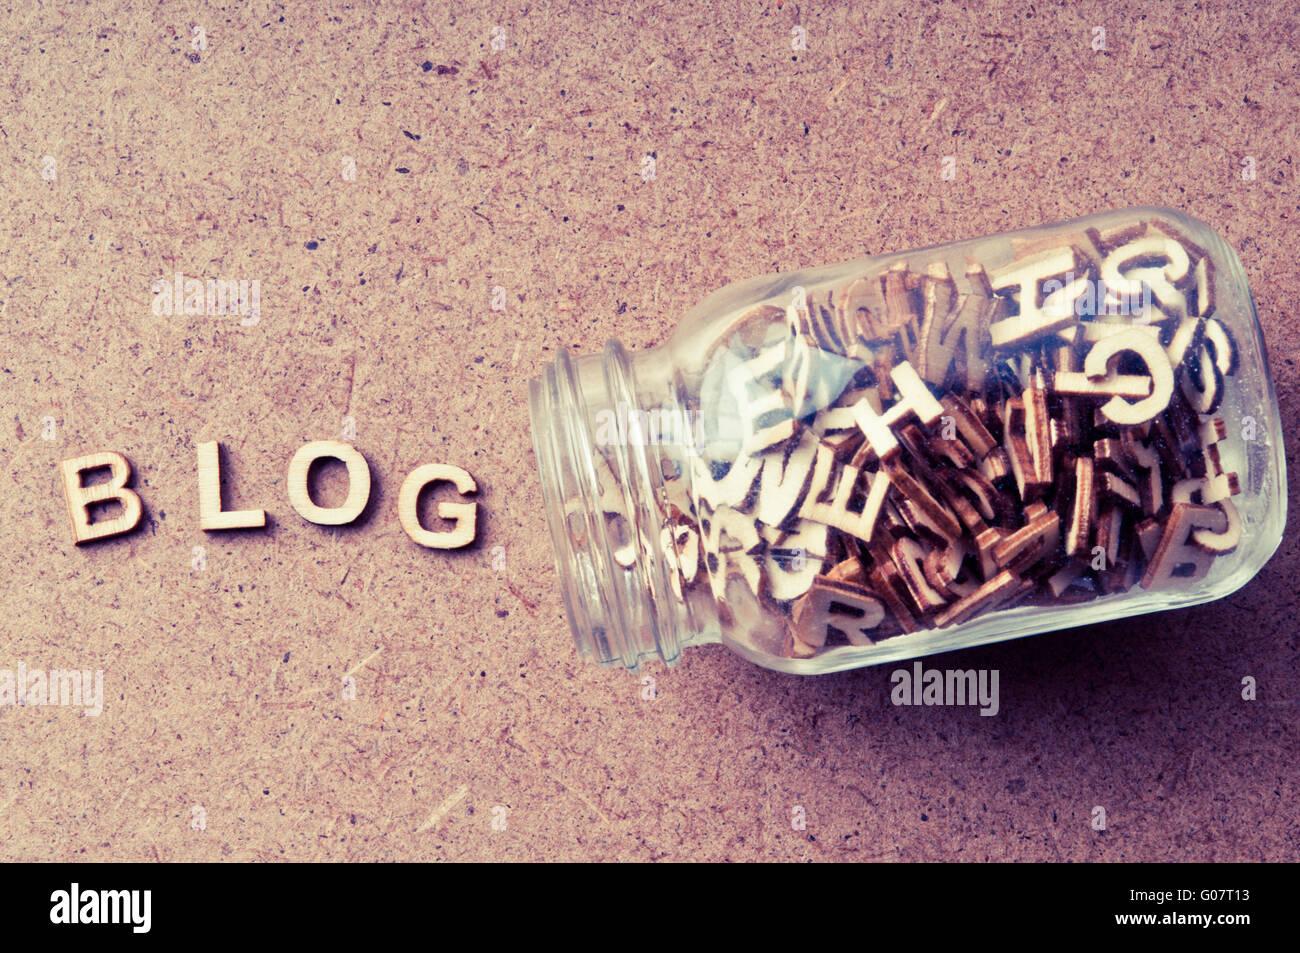 Word blog créé avec des lettres provenant d'une bouteille - blog concept Photo Stock